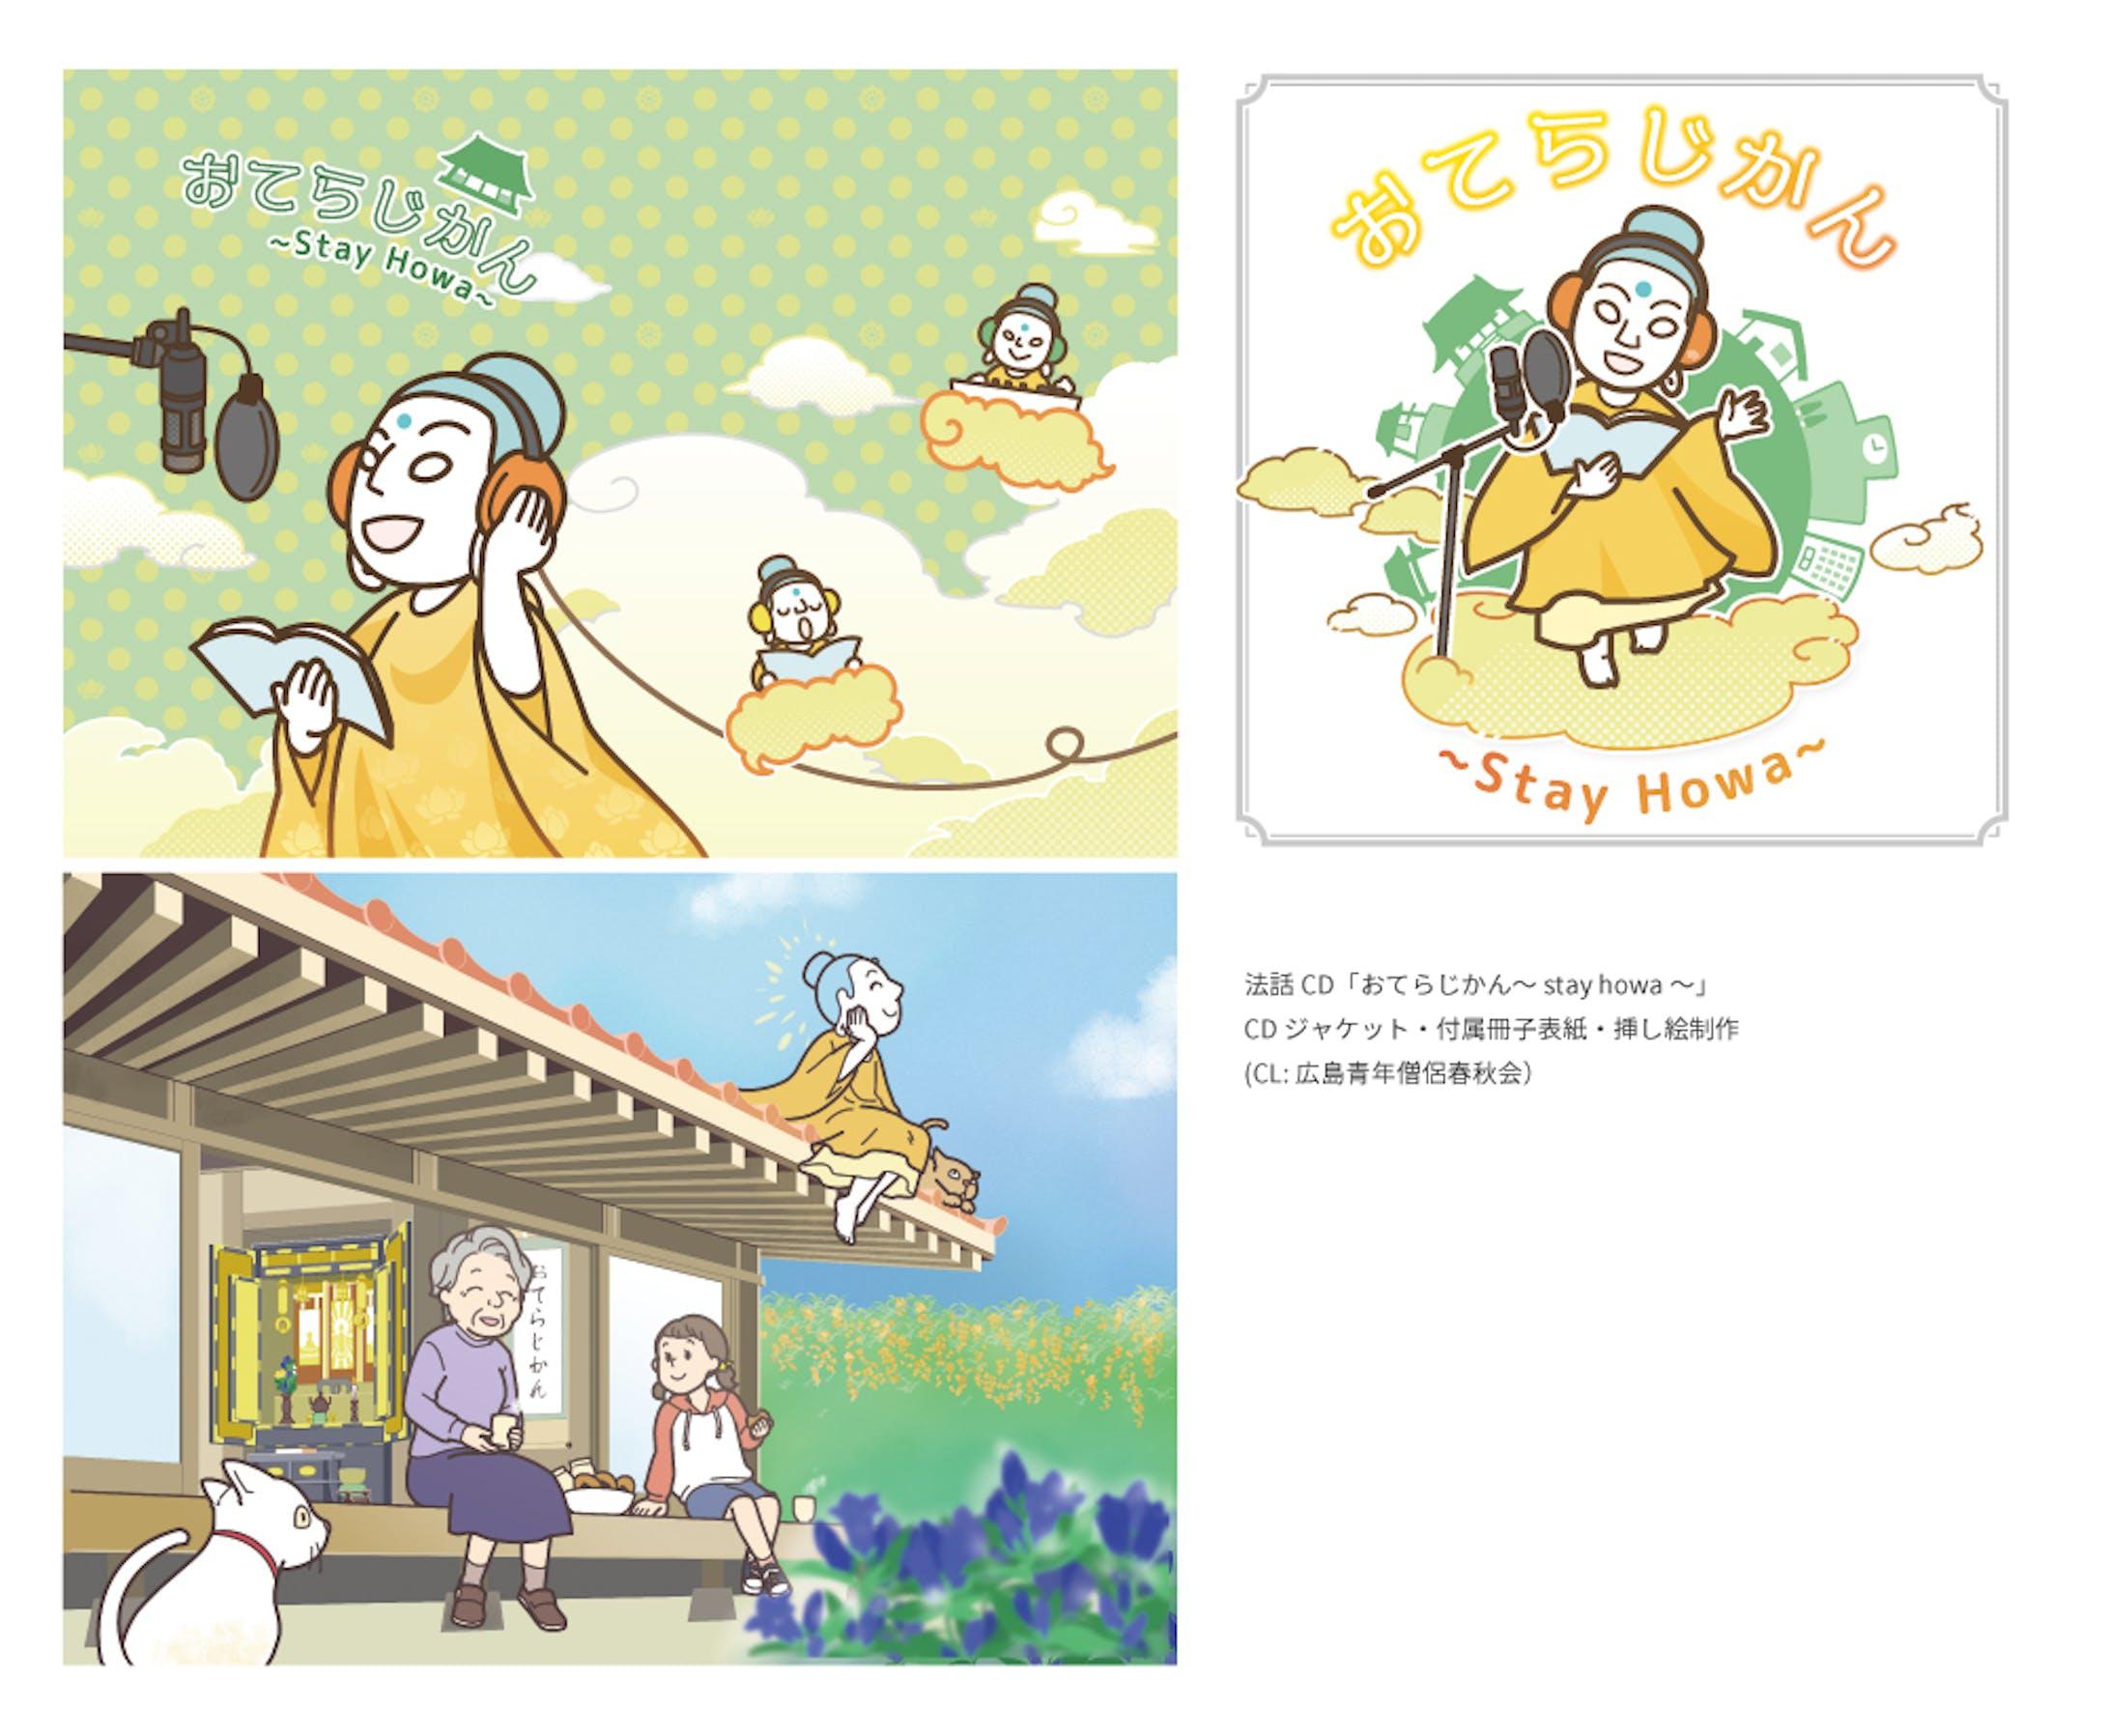 法話CD「おてらじかん~Stay Howa~」カバーイラスト-1